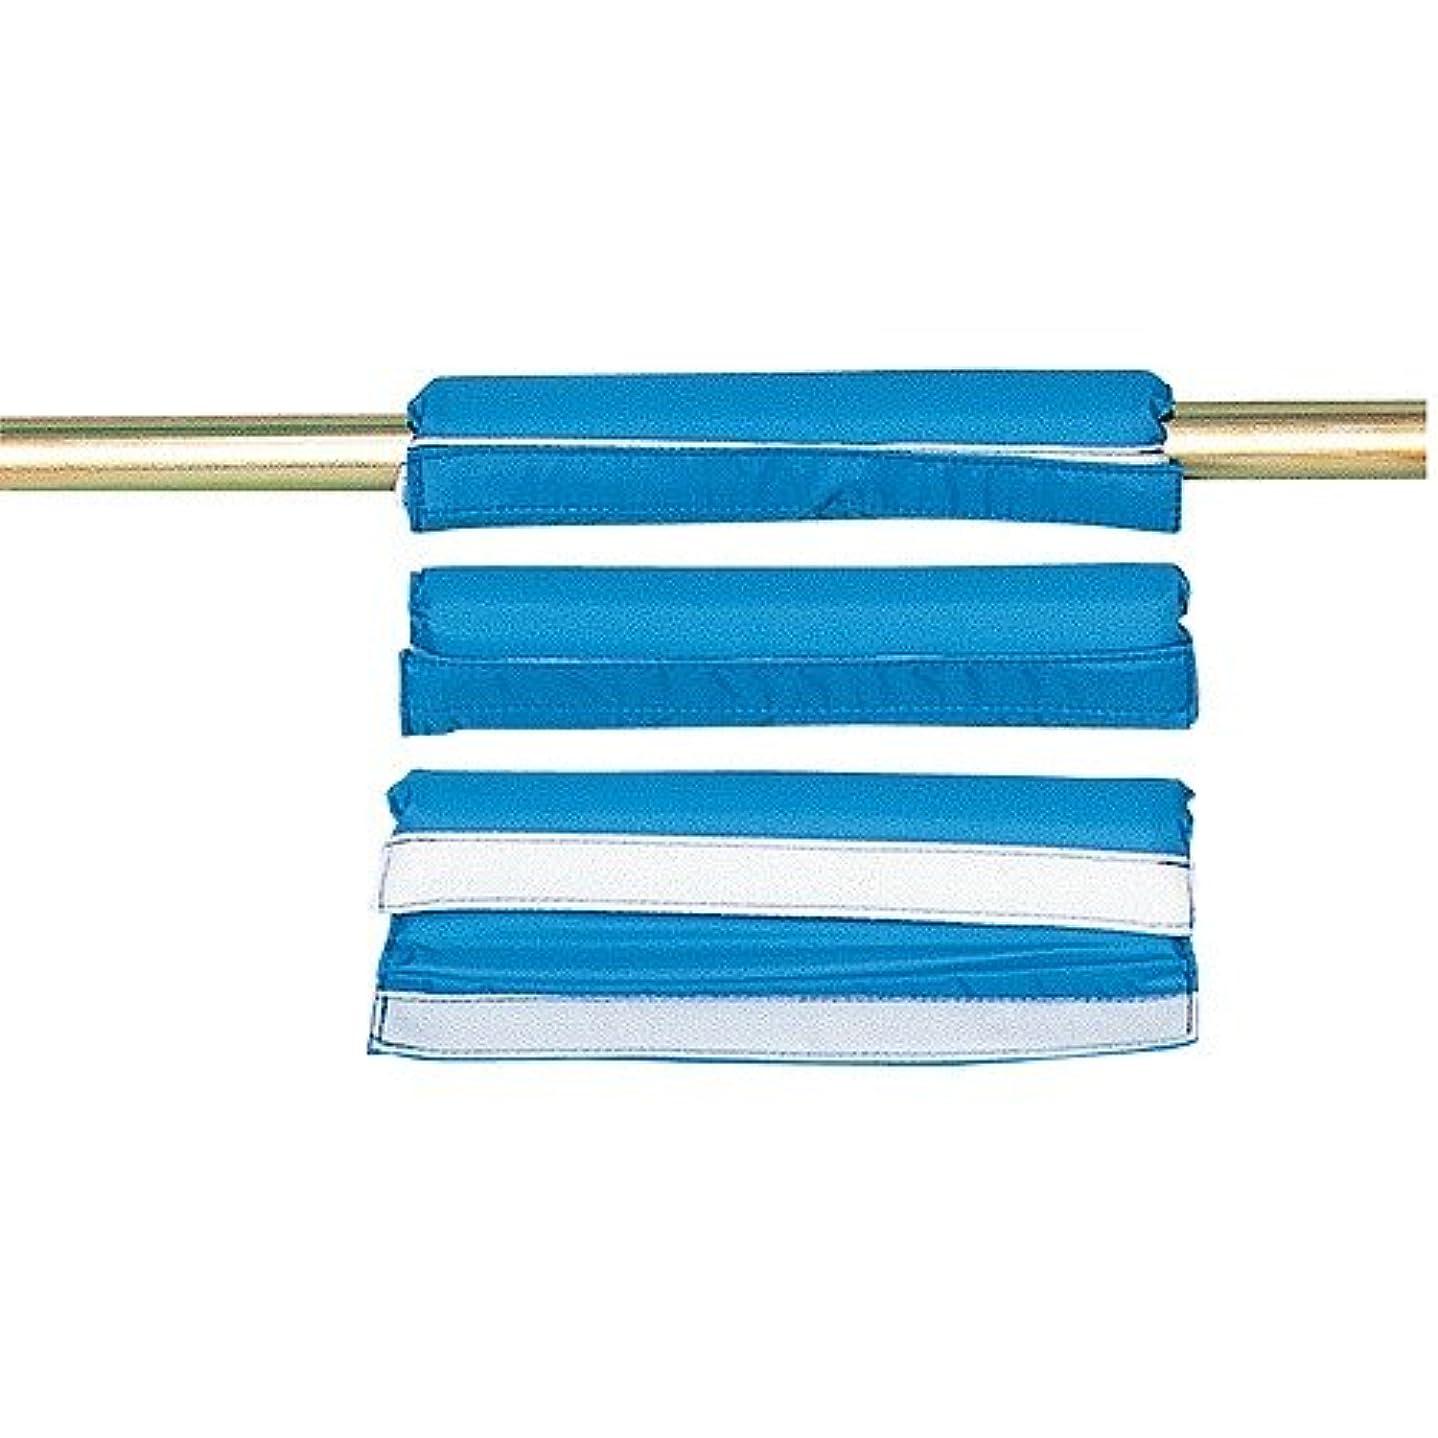 警告するきらきら批評会龍企業 鉄棒サポートパット S 8個 ブルー